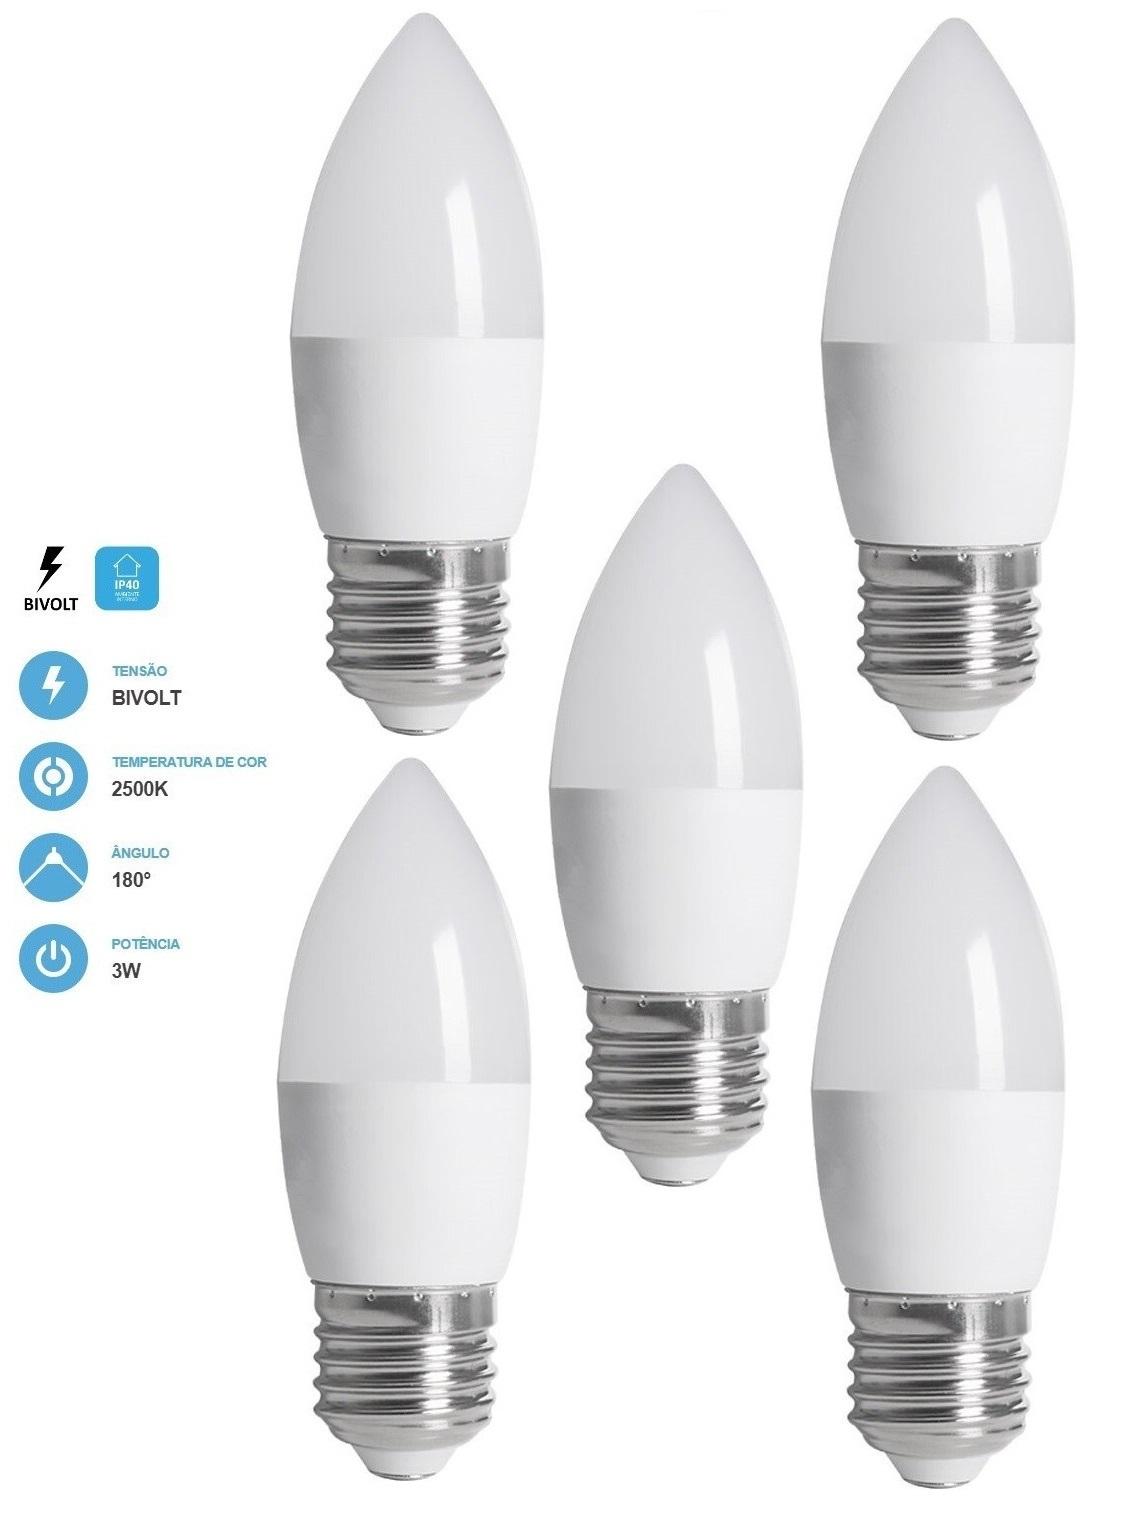 Kit 5 Lâmpadas Vela Fosca 3W 250LM 2500K E27 Bivolt Save Energy